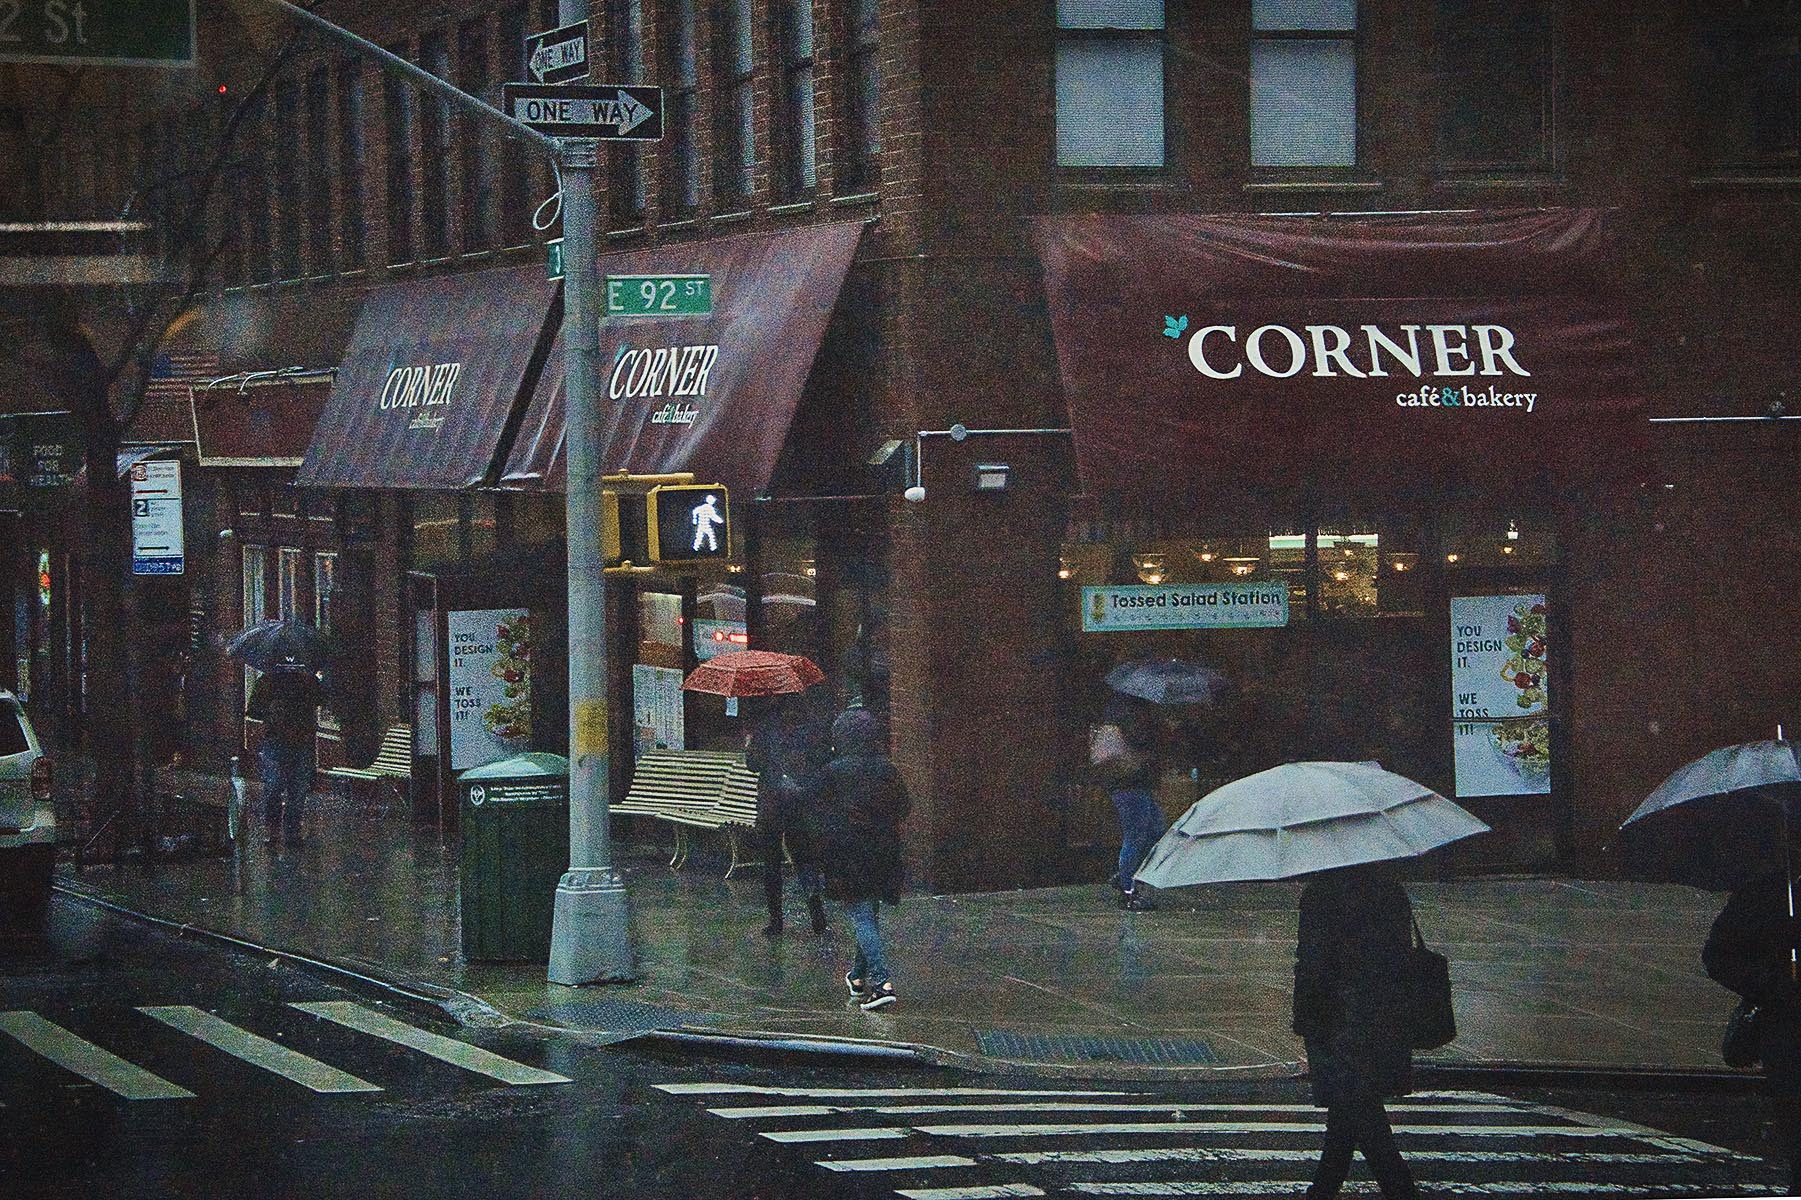 Rainy Day on the Corner - 492